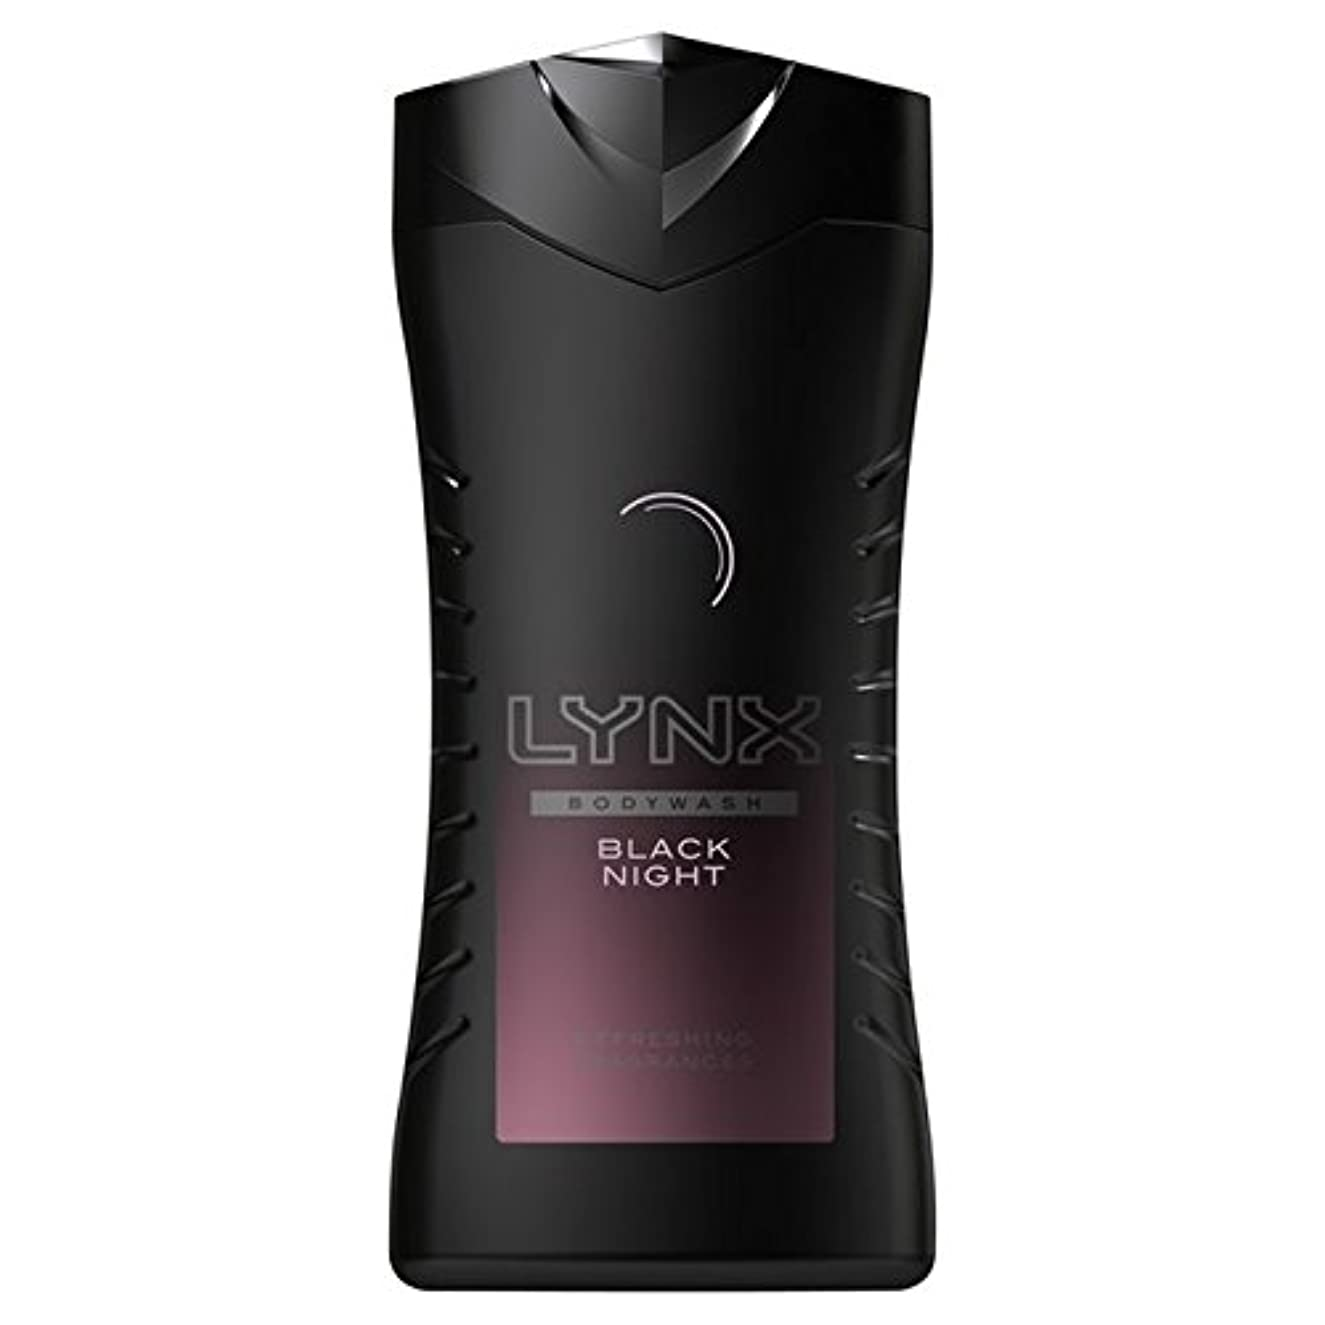 とティーム溶ける密輸オオヤマネコ黒夜シャワージェル250ミリリットル x4 - Lynx Black Night Shower Gel 250ml (Pack of 4) [並行輸入品]